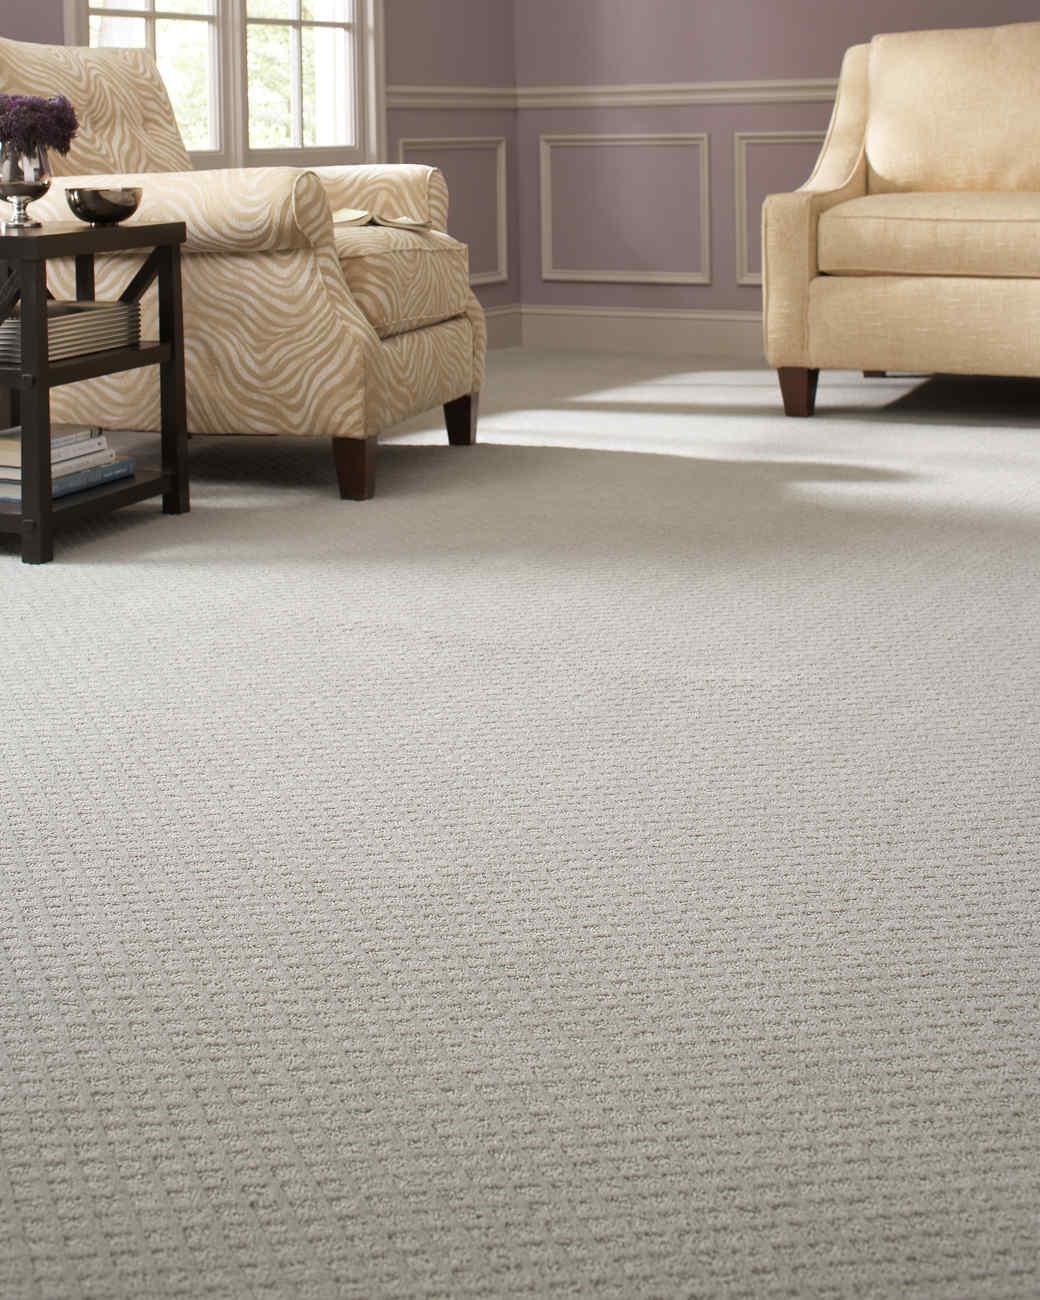 thd-familycarpet-mrkt-1212.jpg